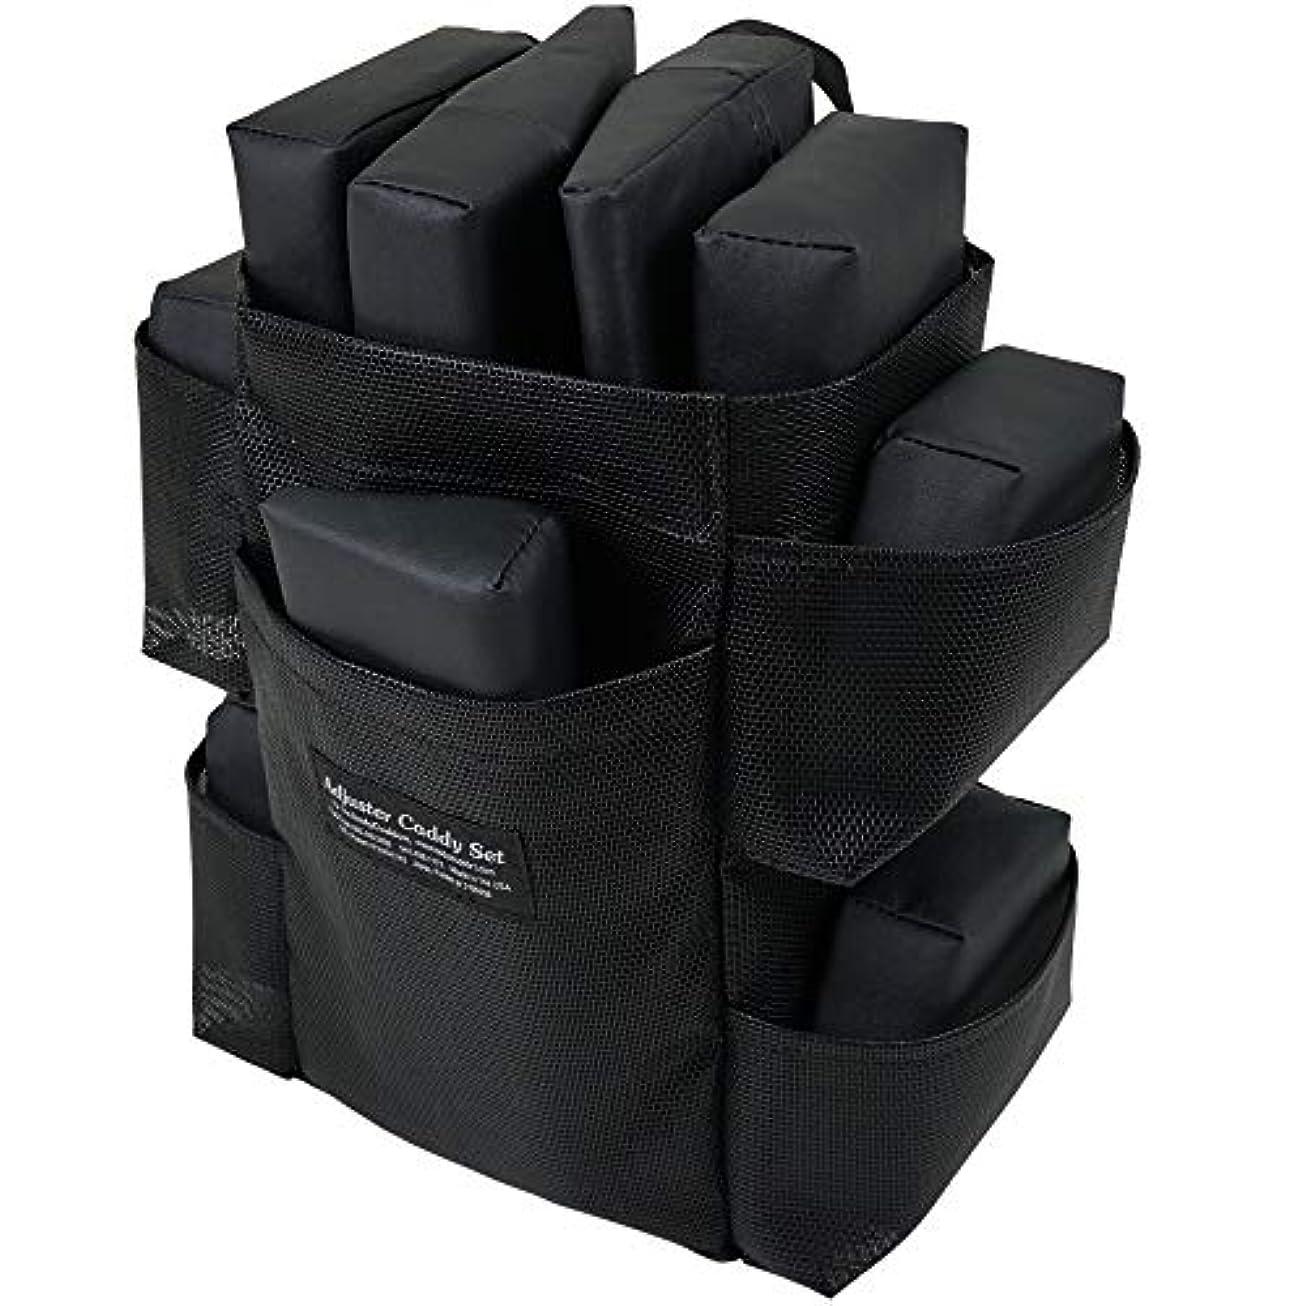 晩ごはん悪因子喜ぶピースバッグセット ボディークッション 用 の エクステンダーピース と アジャスターピース バッグ付き